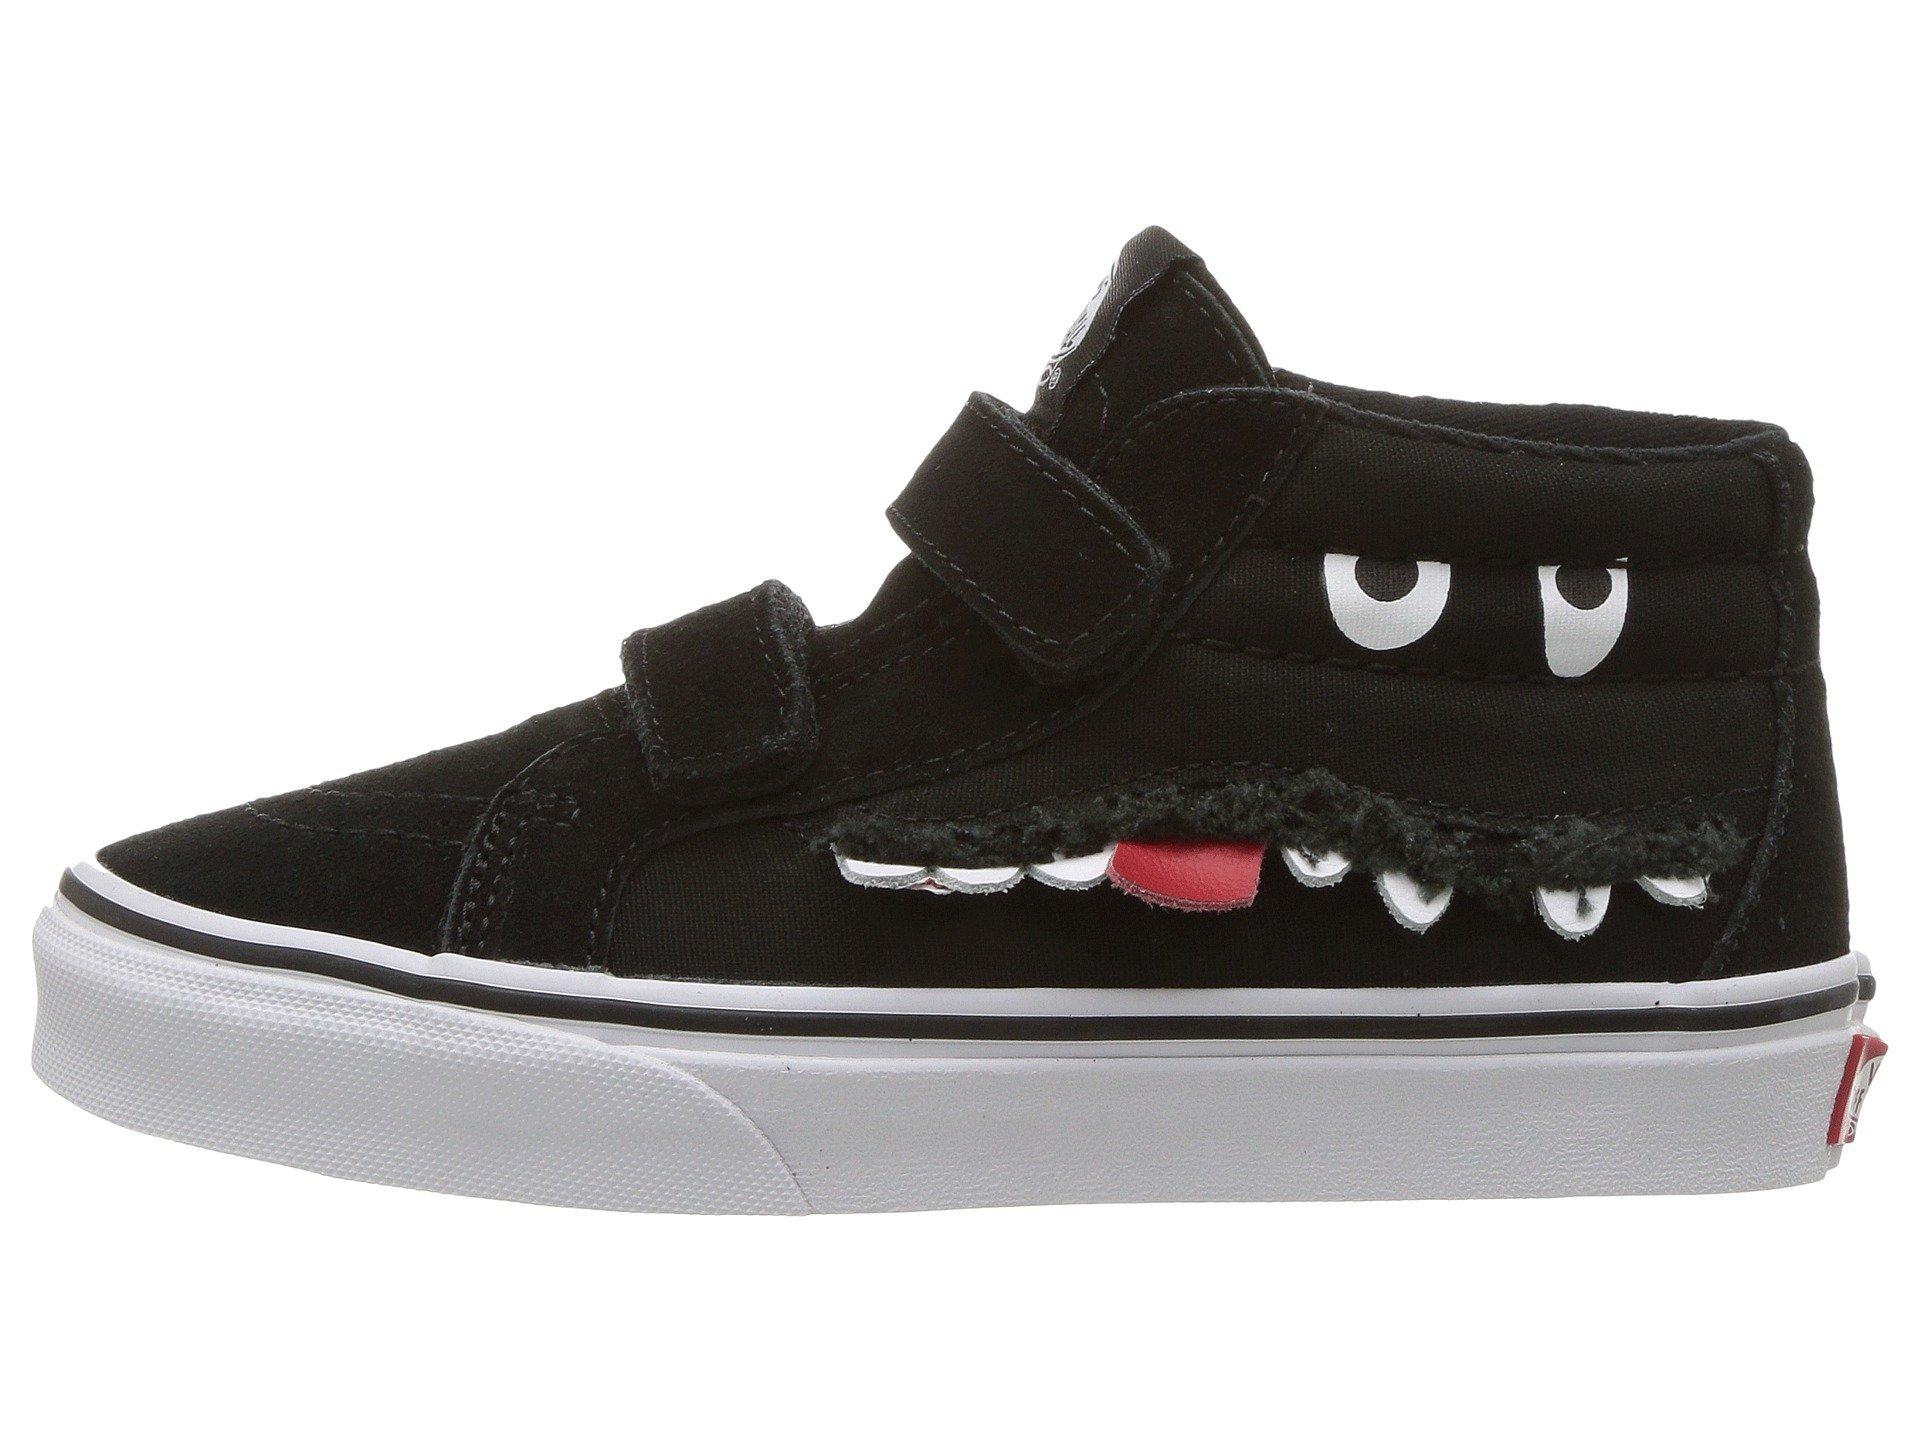 Vans Boy's Sk8 Mid Reissue V Skate Shoes (7 M US Big Kid, (Monster Face) Black/True White)